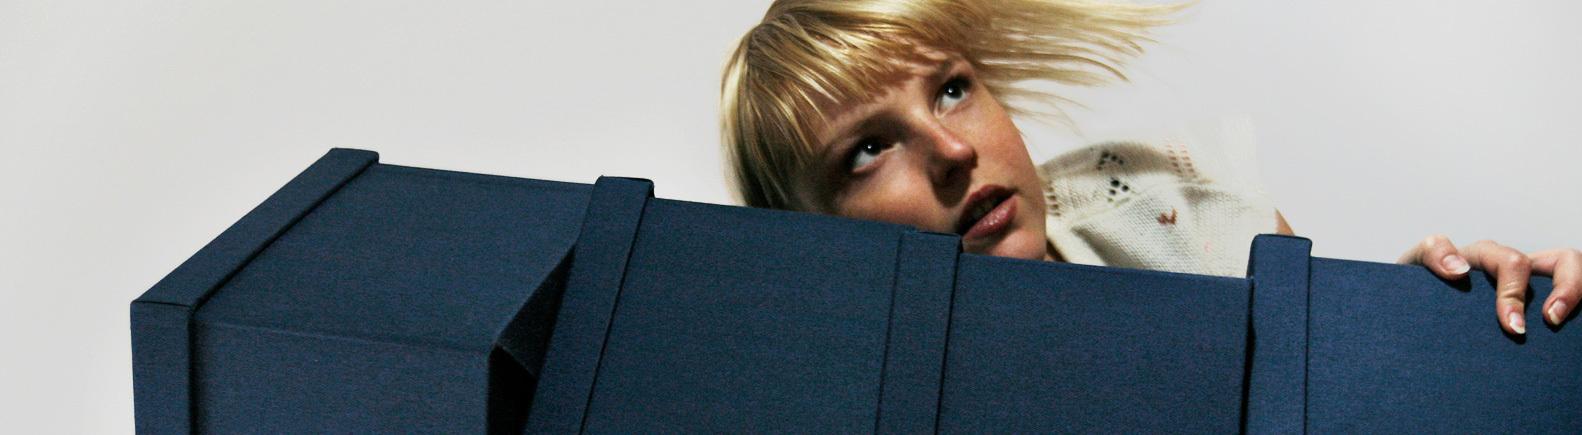 Eine Frau schaut hinter einem Stapel blauer Schachteln hervor.